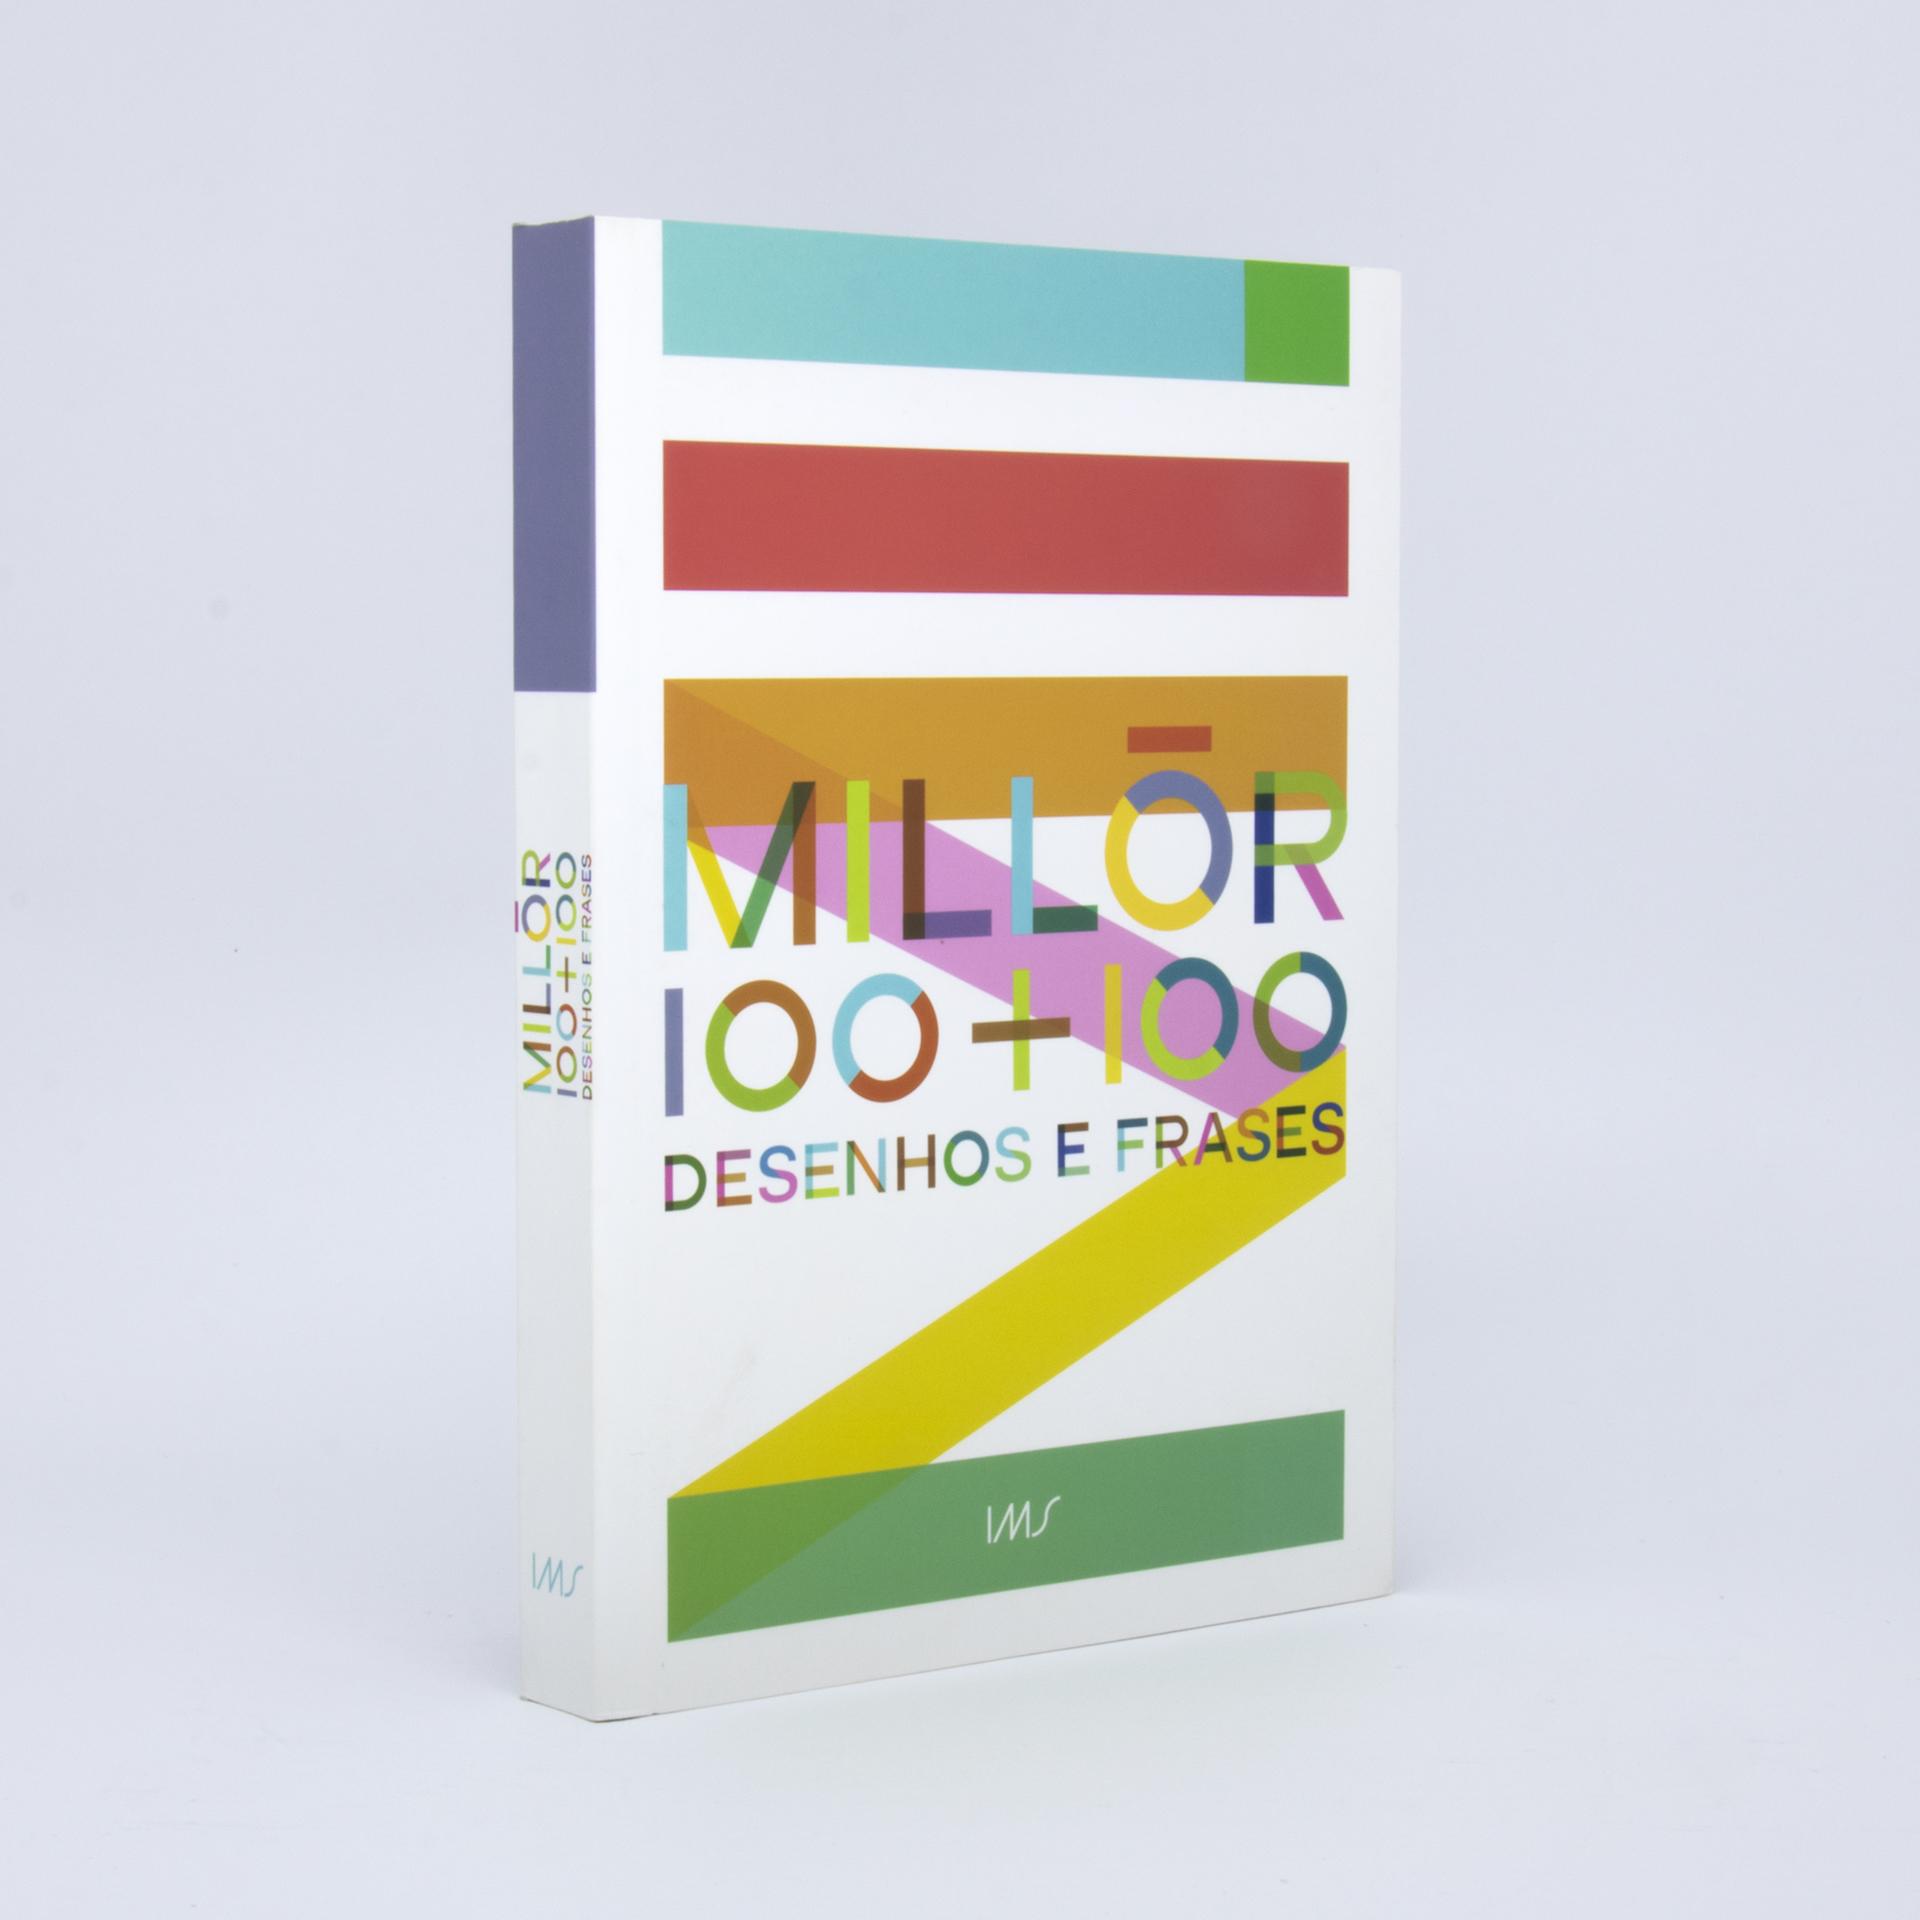 Millor 100 100 Desenhos E Frases A Loja Do Ims Instituto